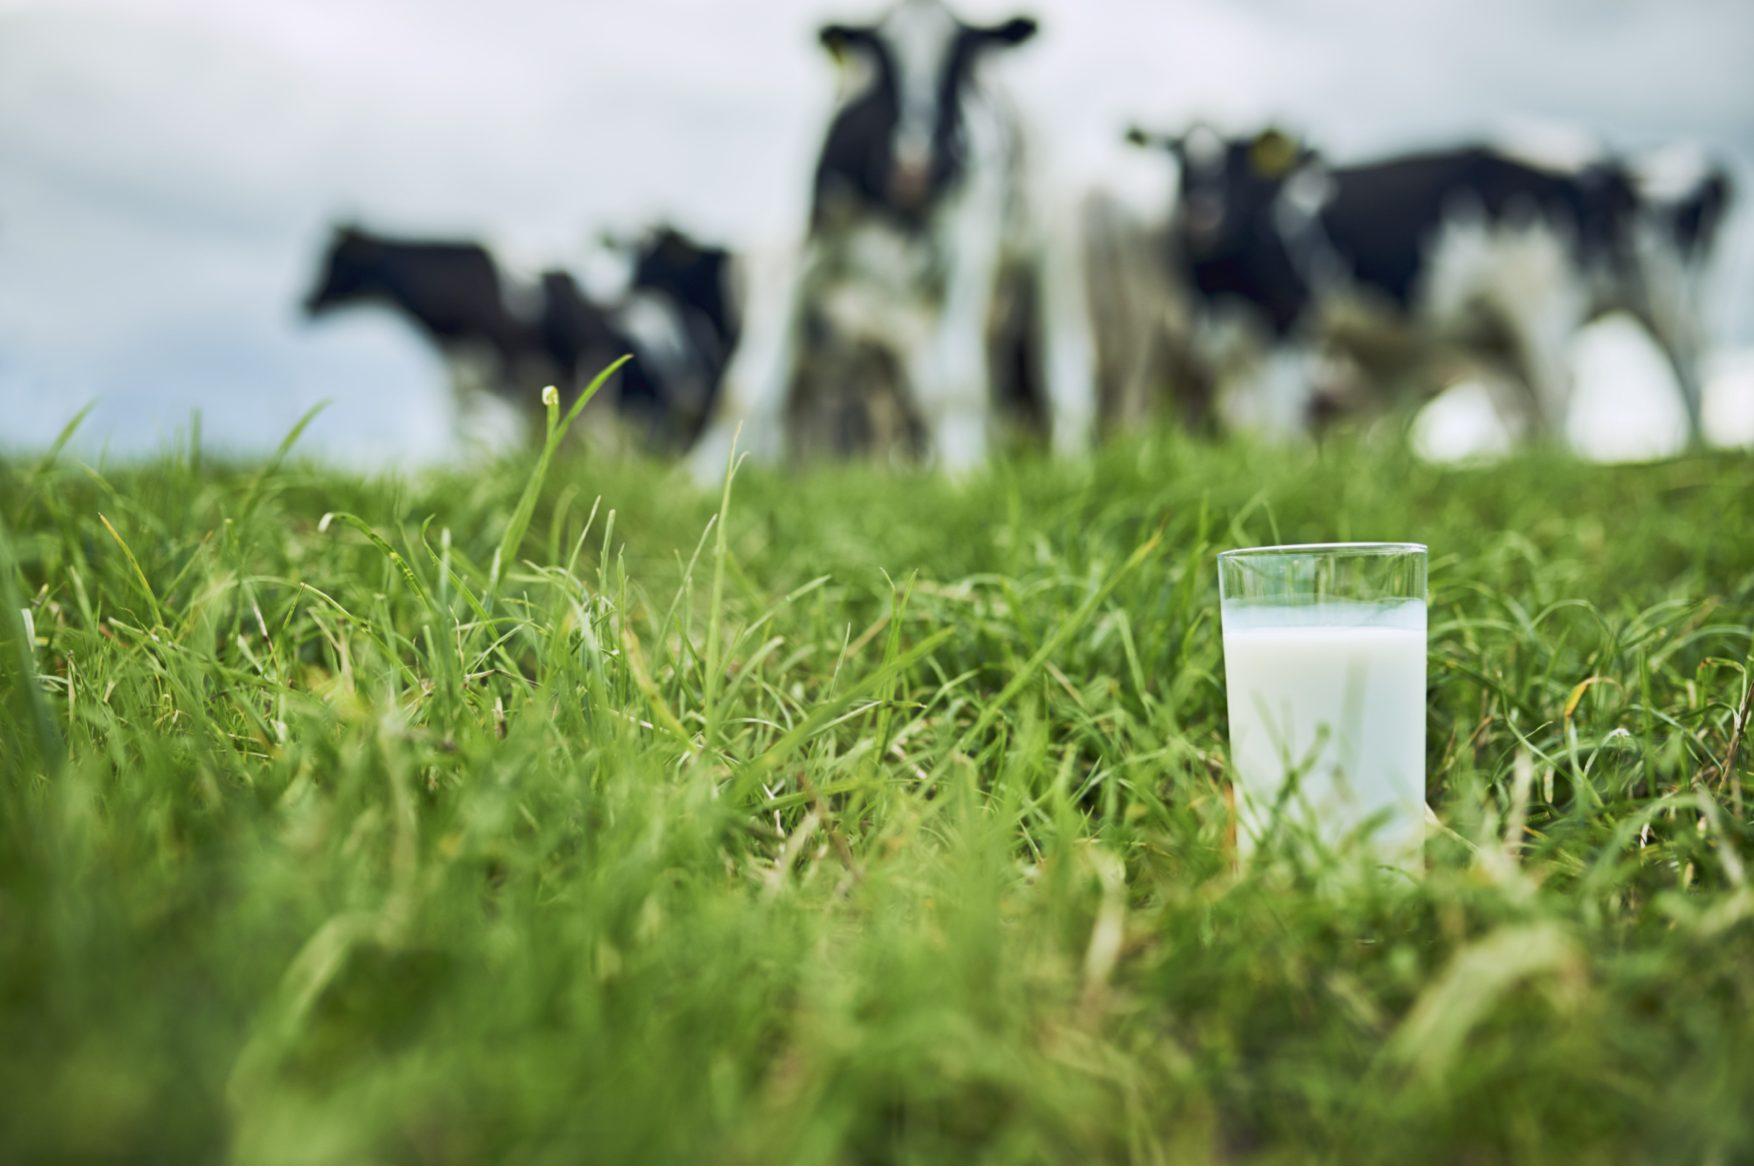 mælk, køer, græs, det danskerne savner mest. (Foto: Mejeriforeningen)